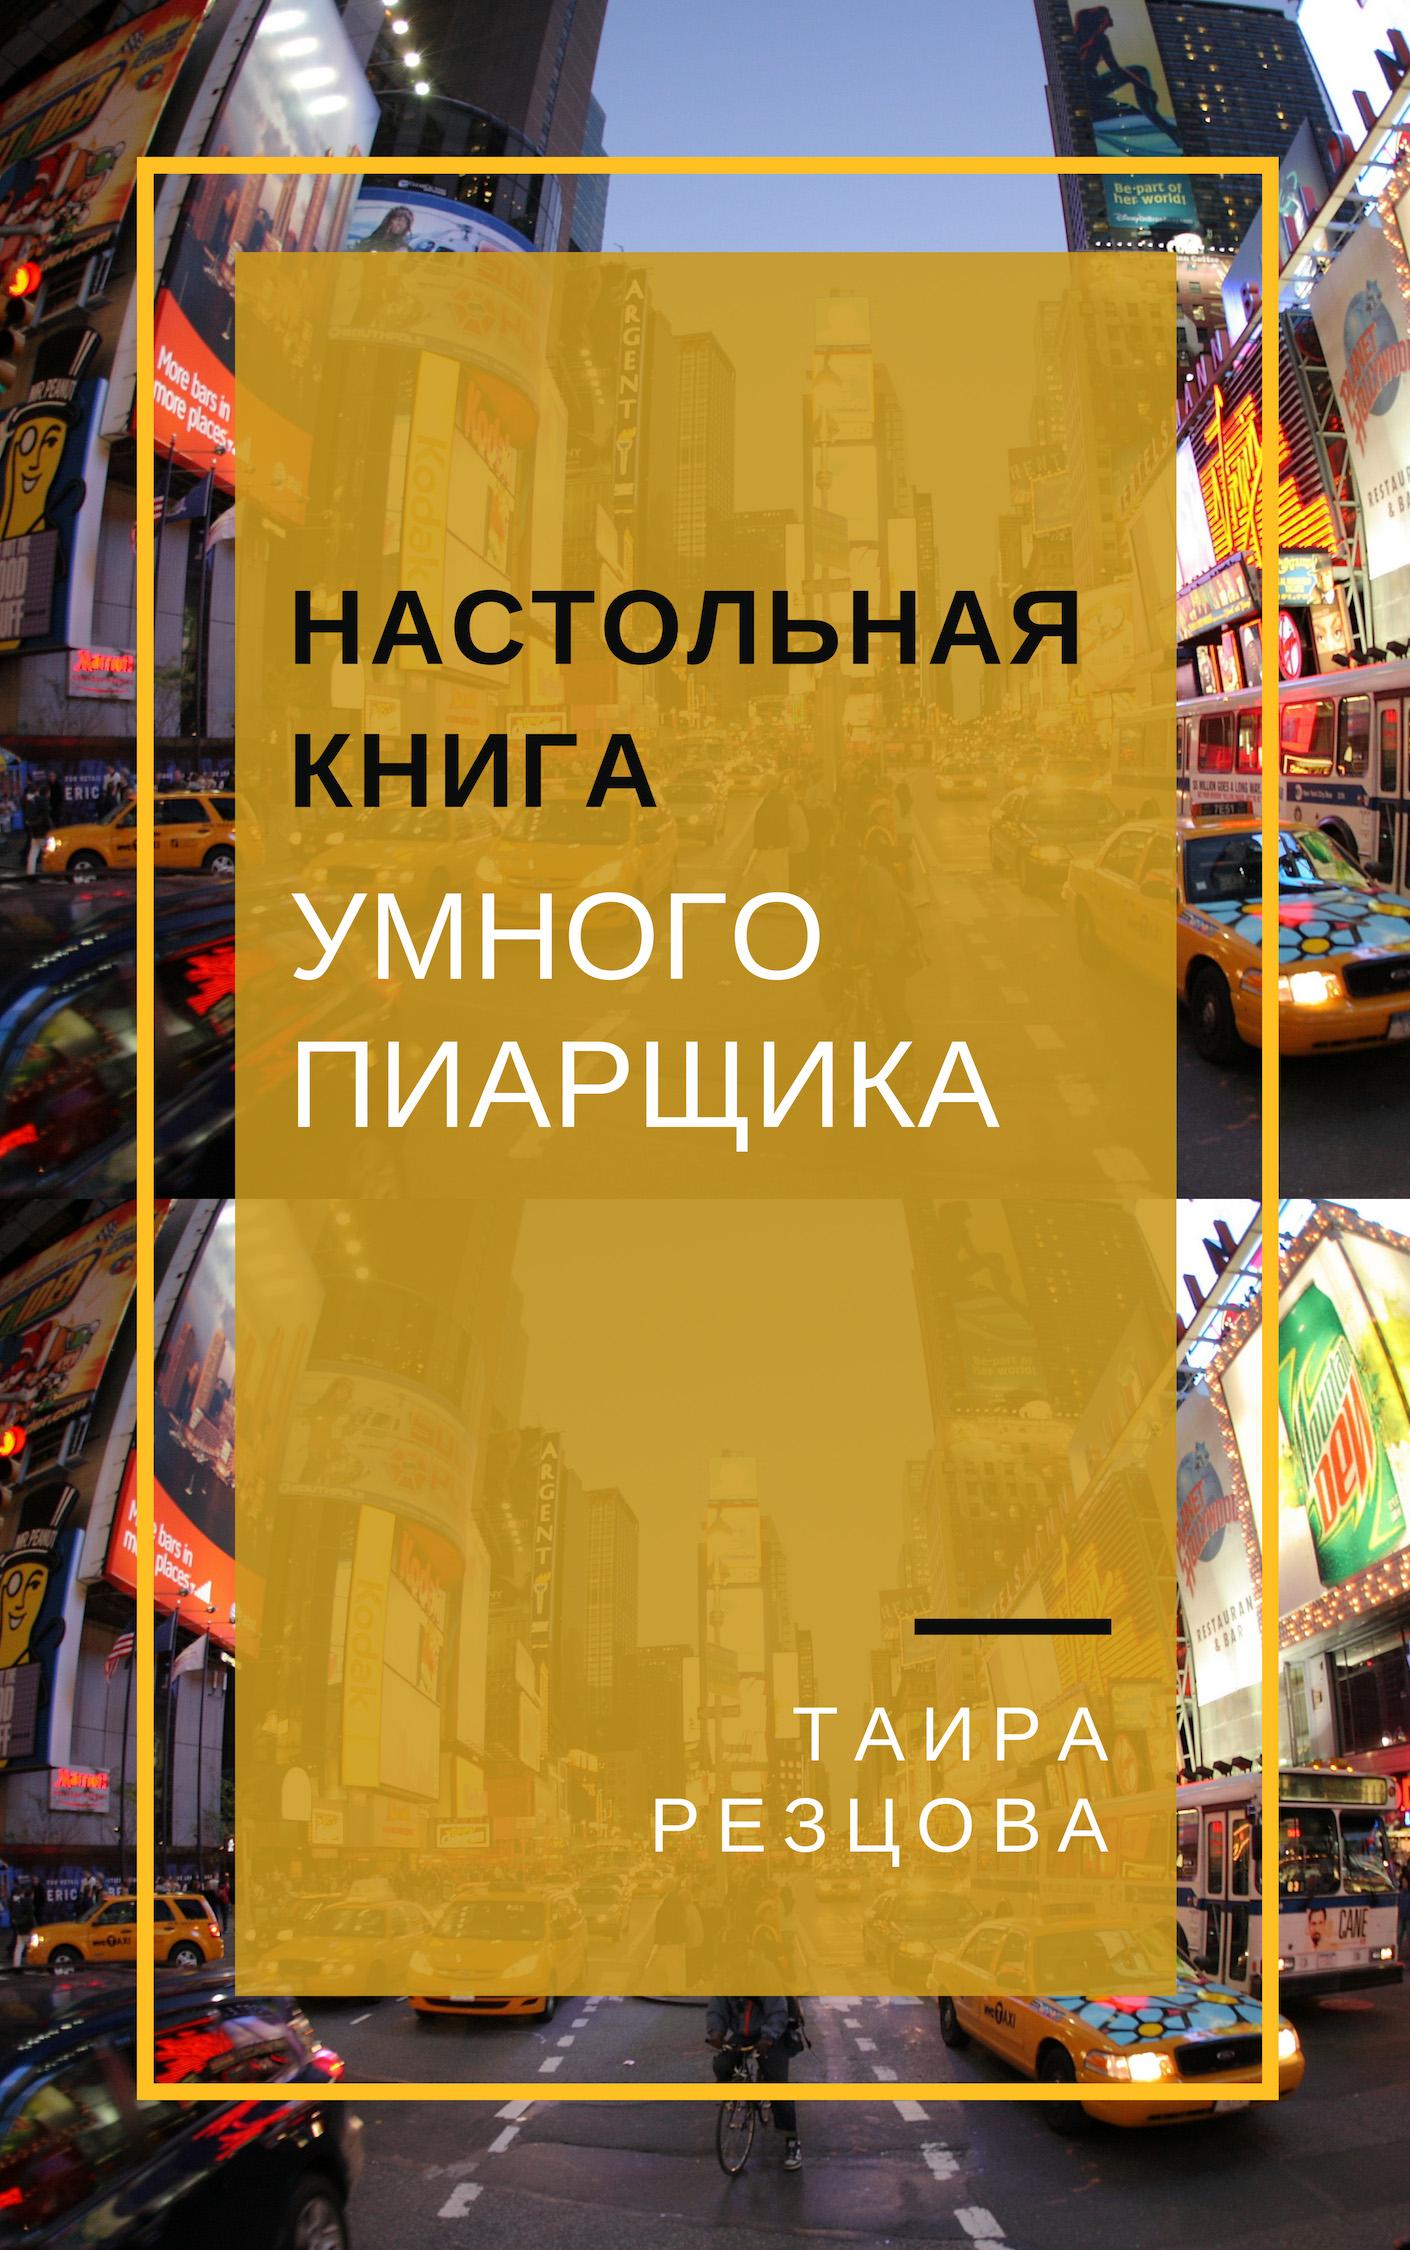 Обложка книги Настольная книга умного пиарщика